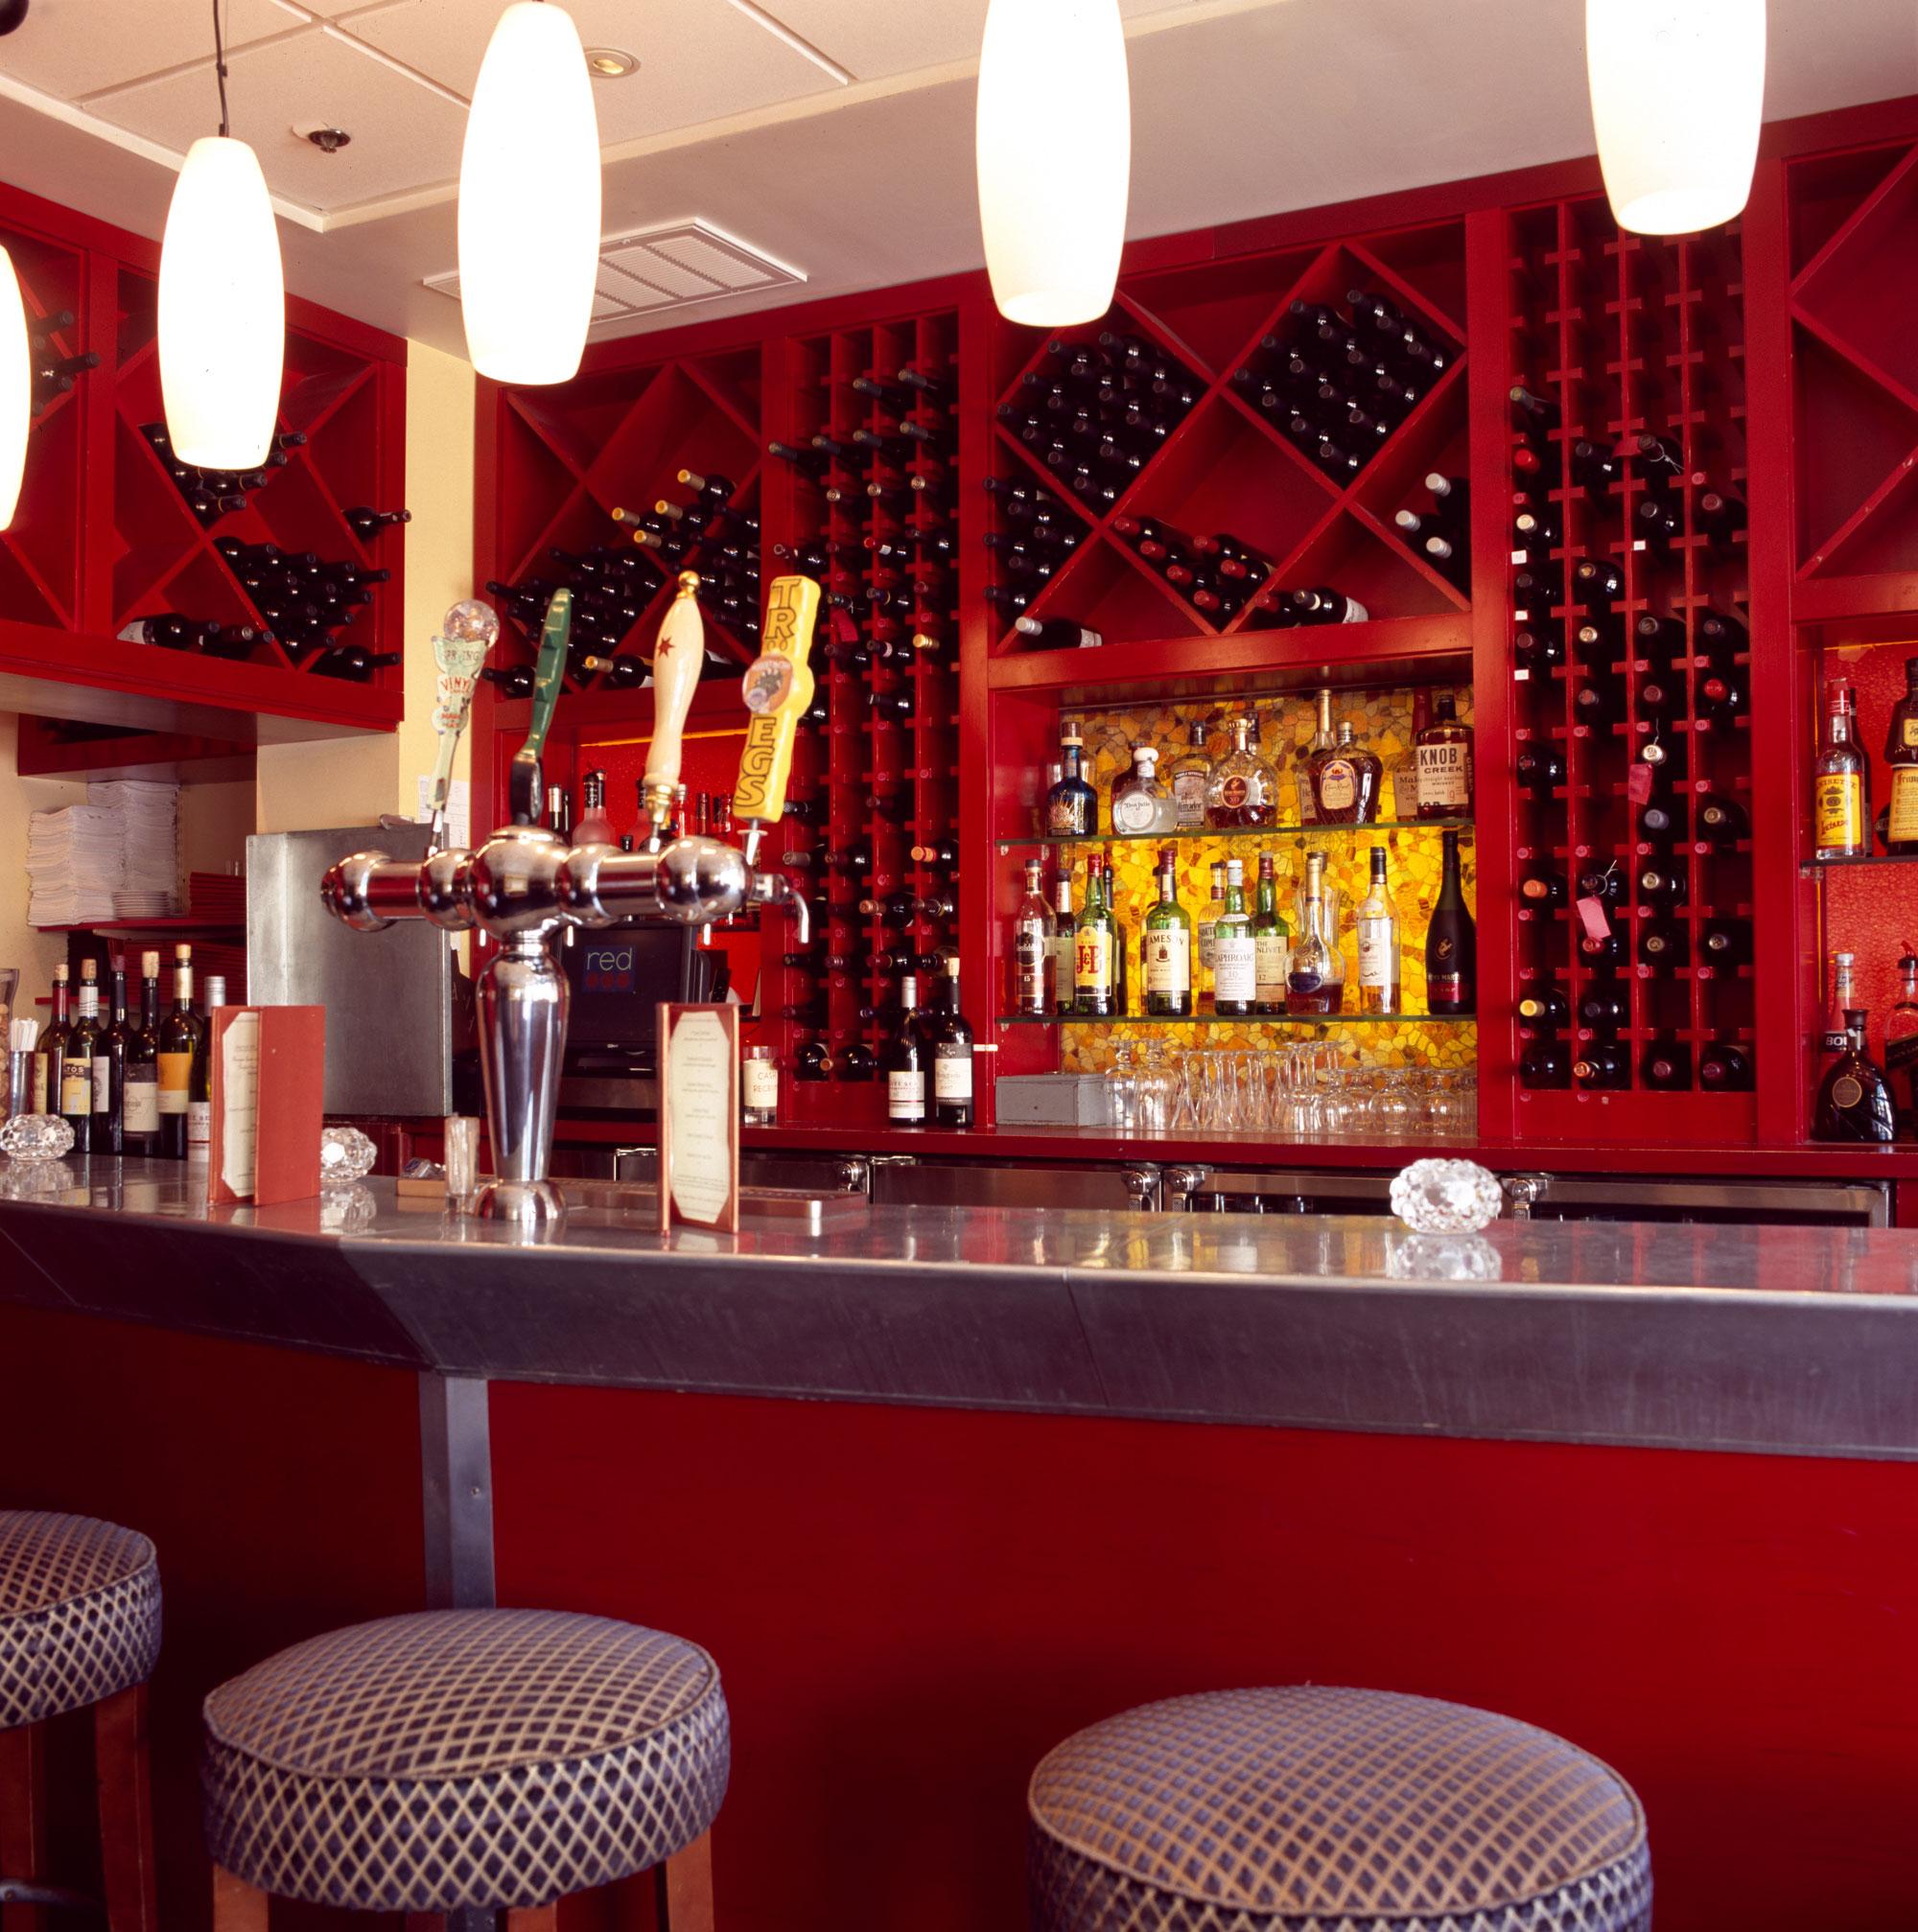 red restaurant gallery. Black Bedroom Furniture Sets. Home Design Ideas